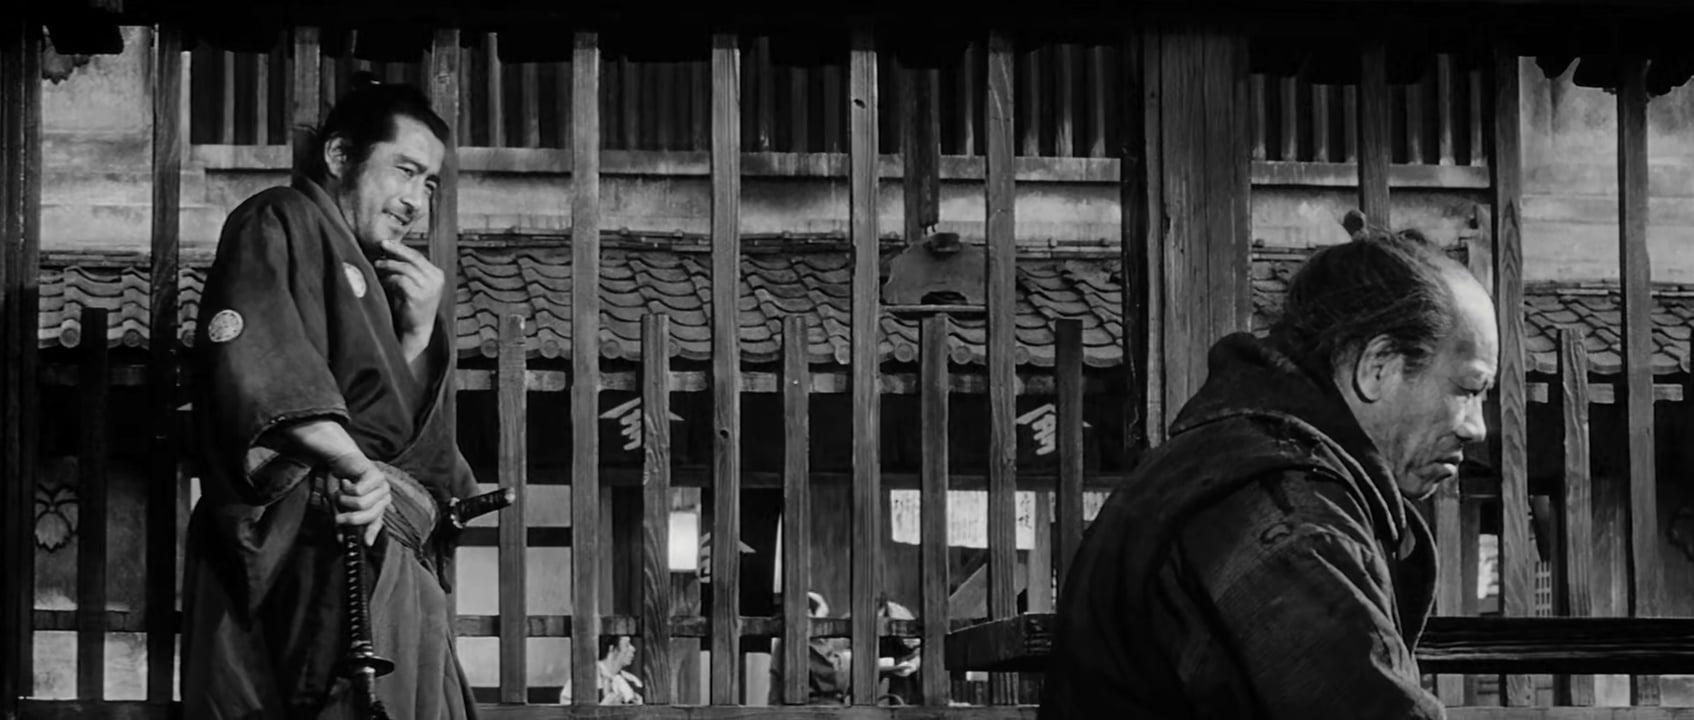 توشیرو میفونه در فیلم سینمایی یوجیمبو کوروساوا